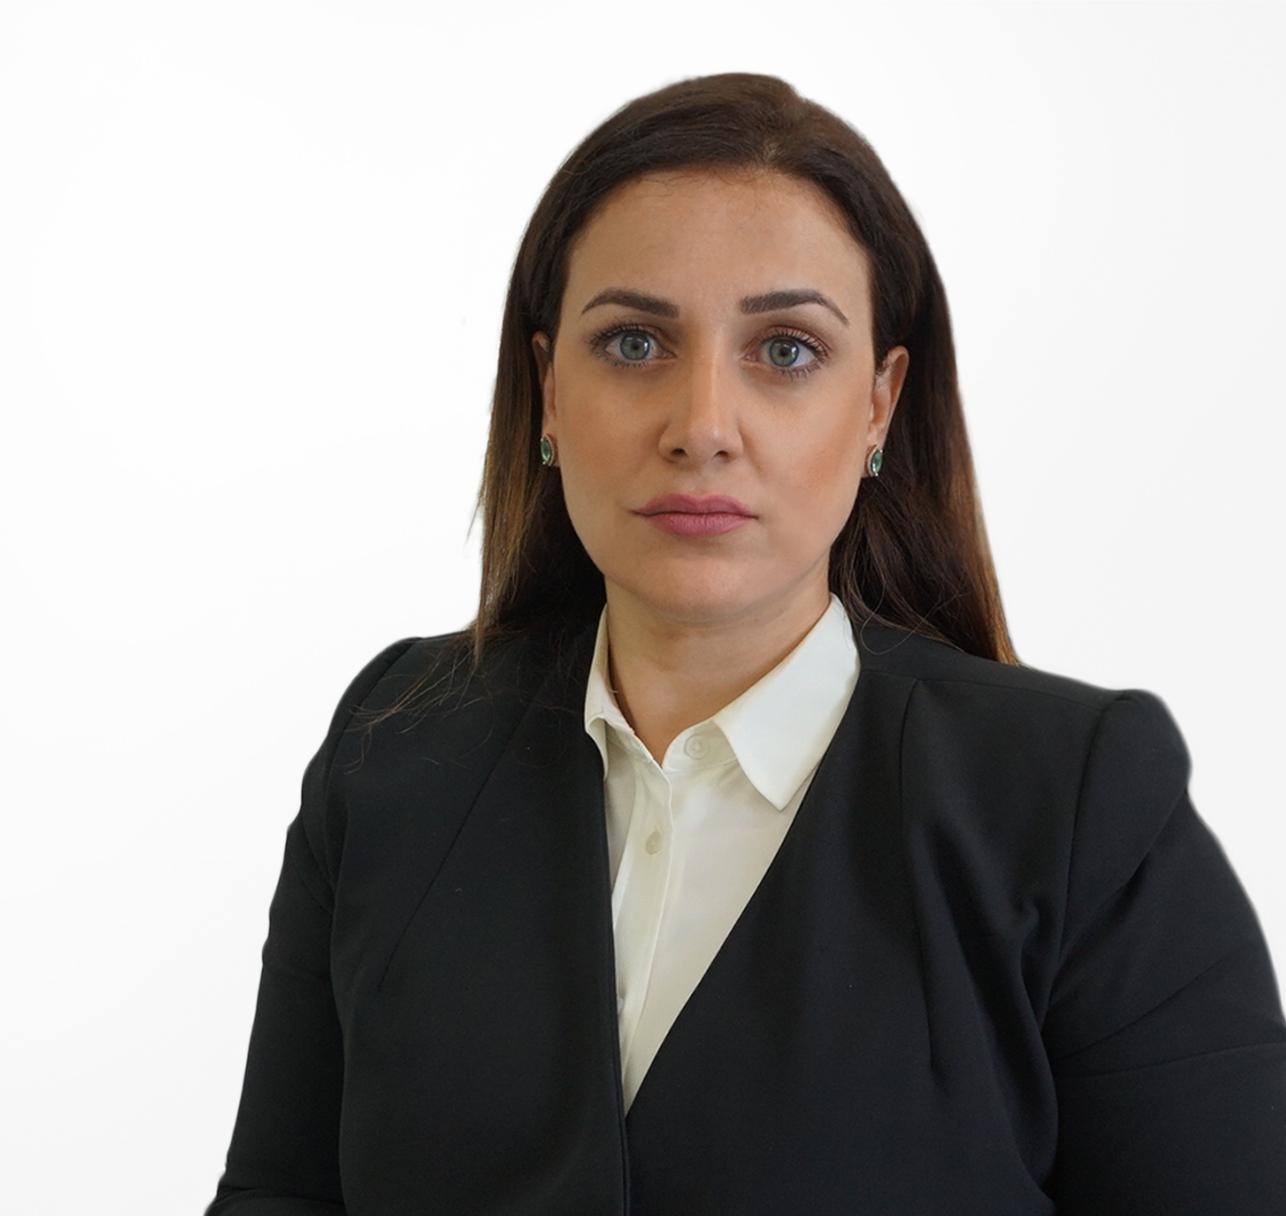 Yiota Apostolou